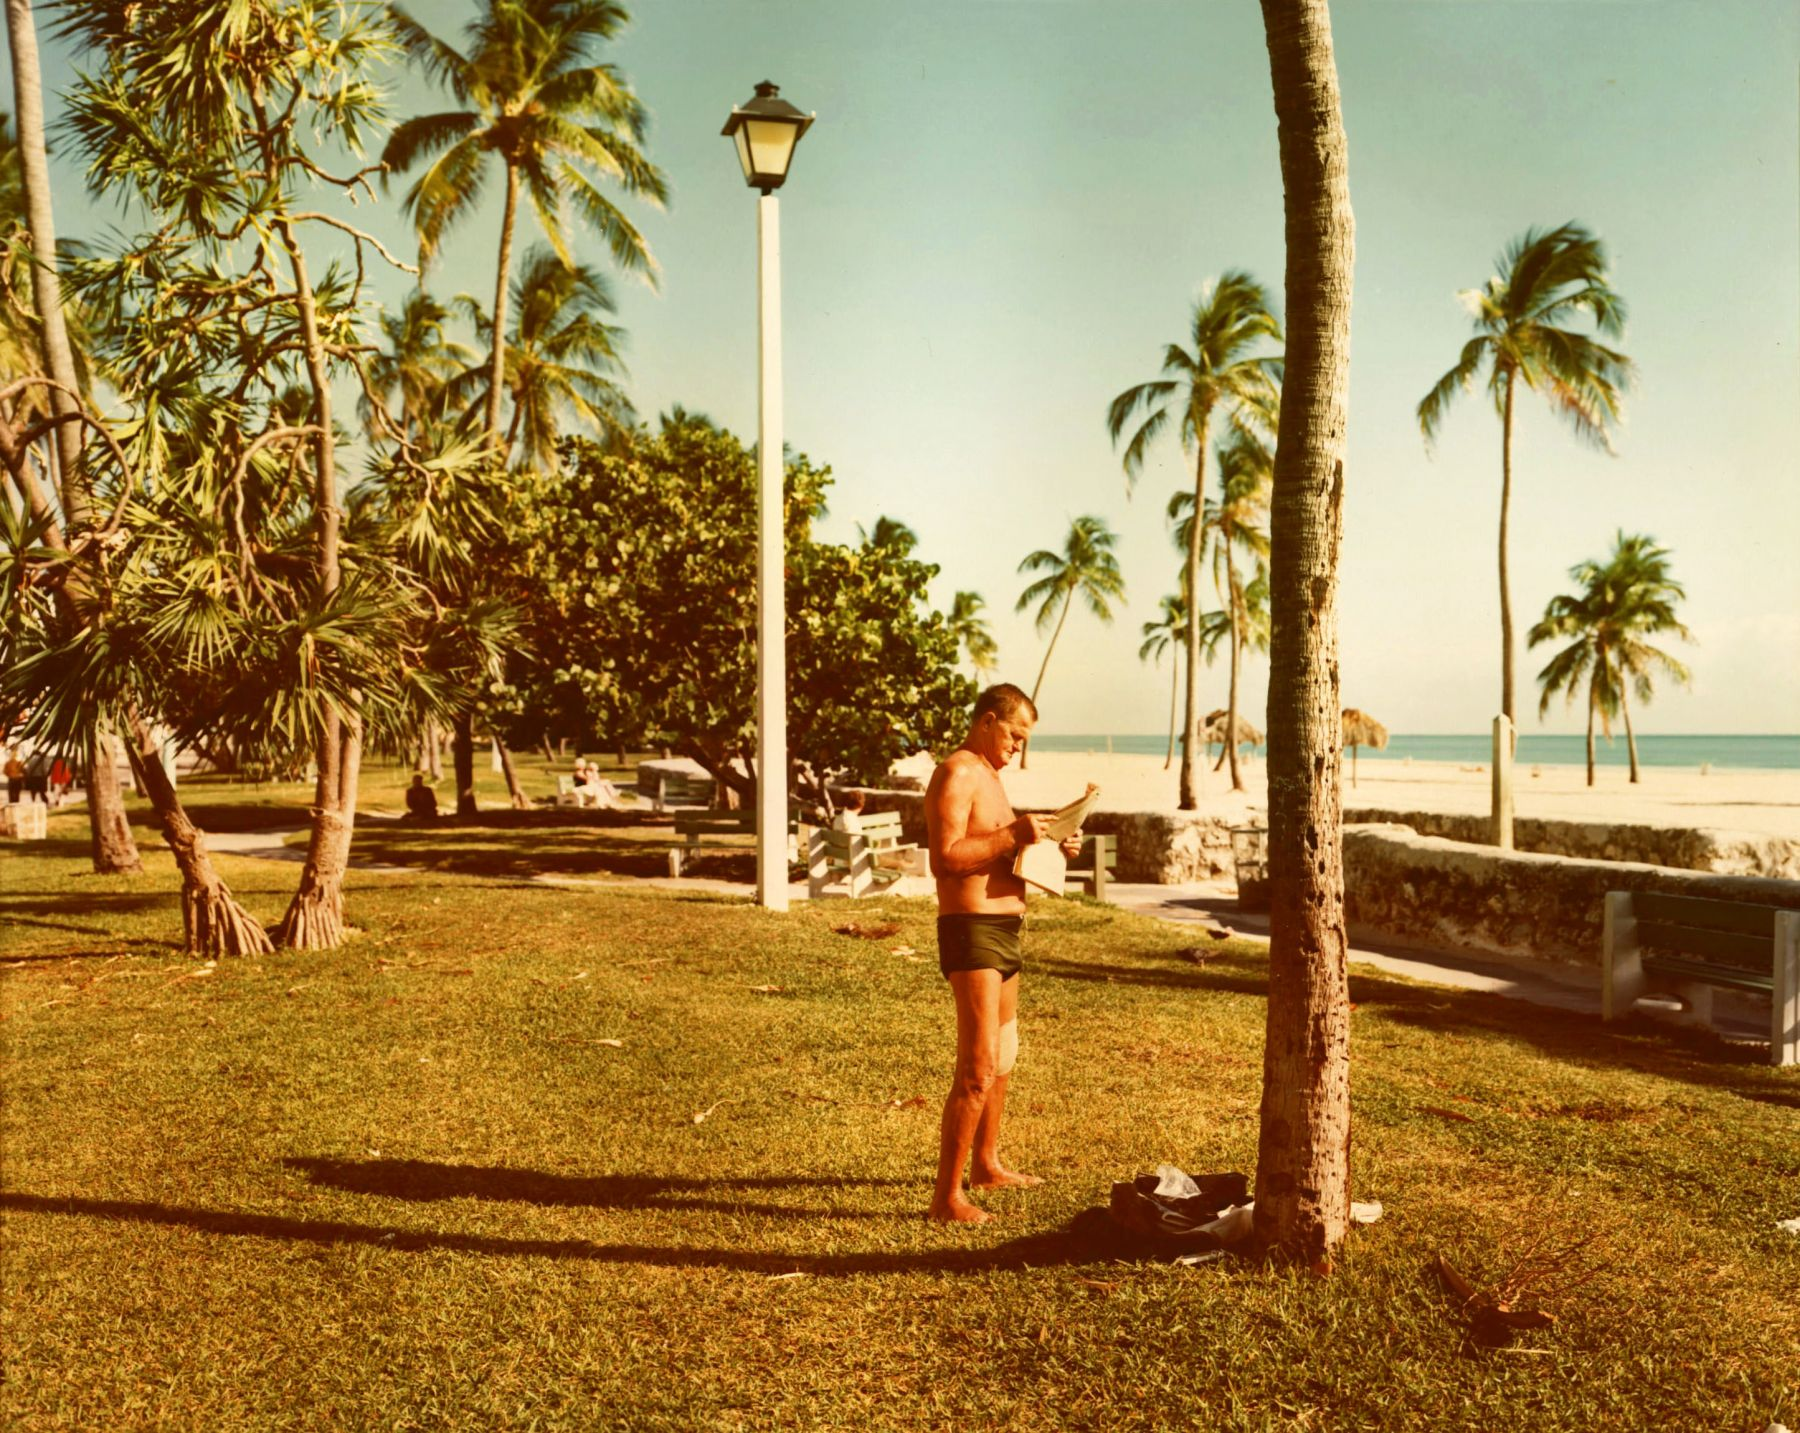 stephen shore Miami Beach, Florida, November 13, 1977